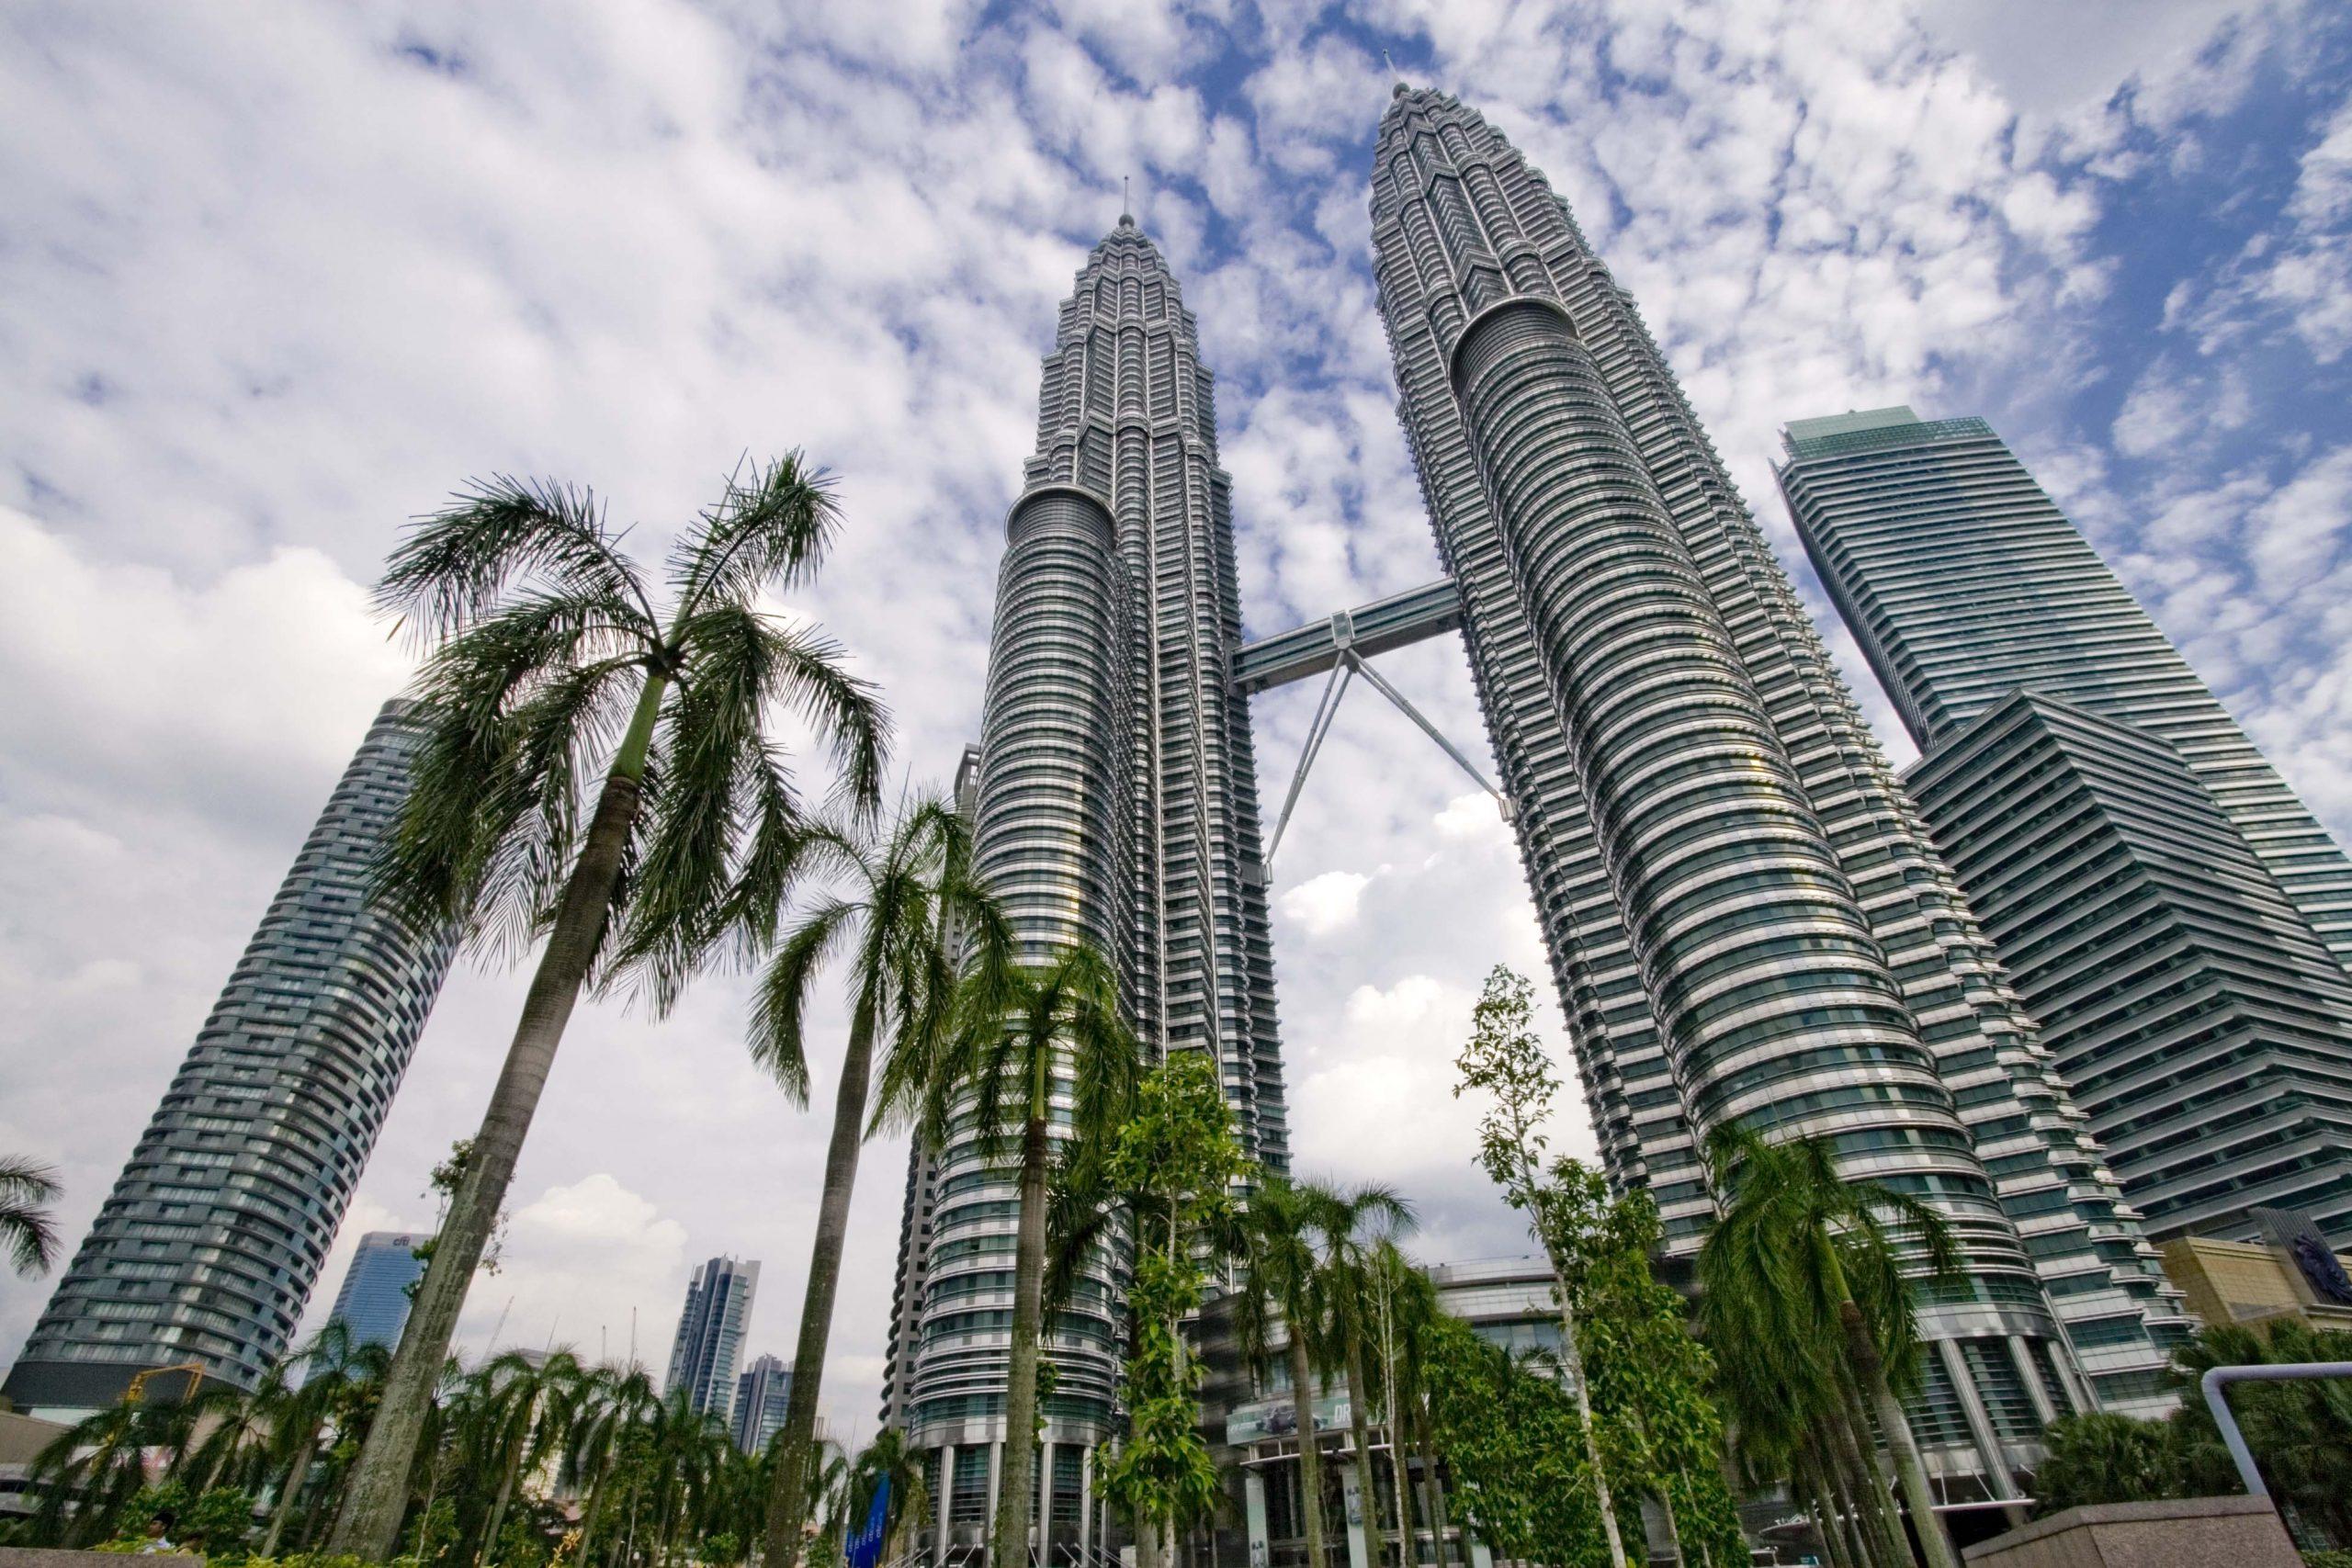 السياحة في ماليزيا - برجا بتروناس التوأم